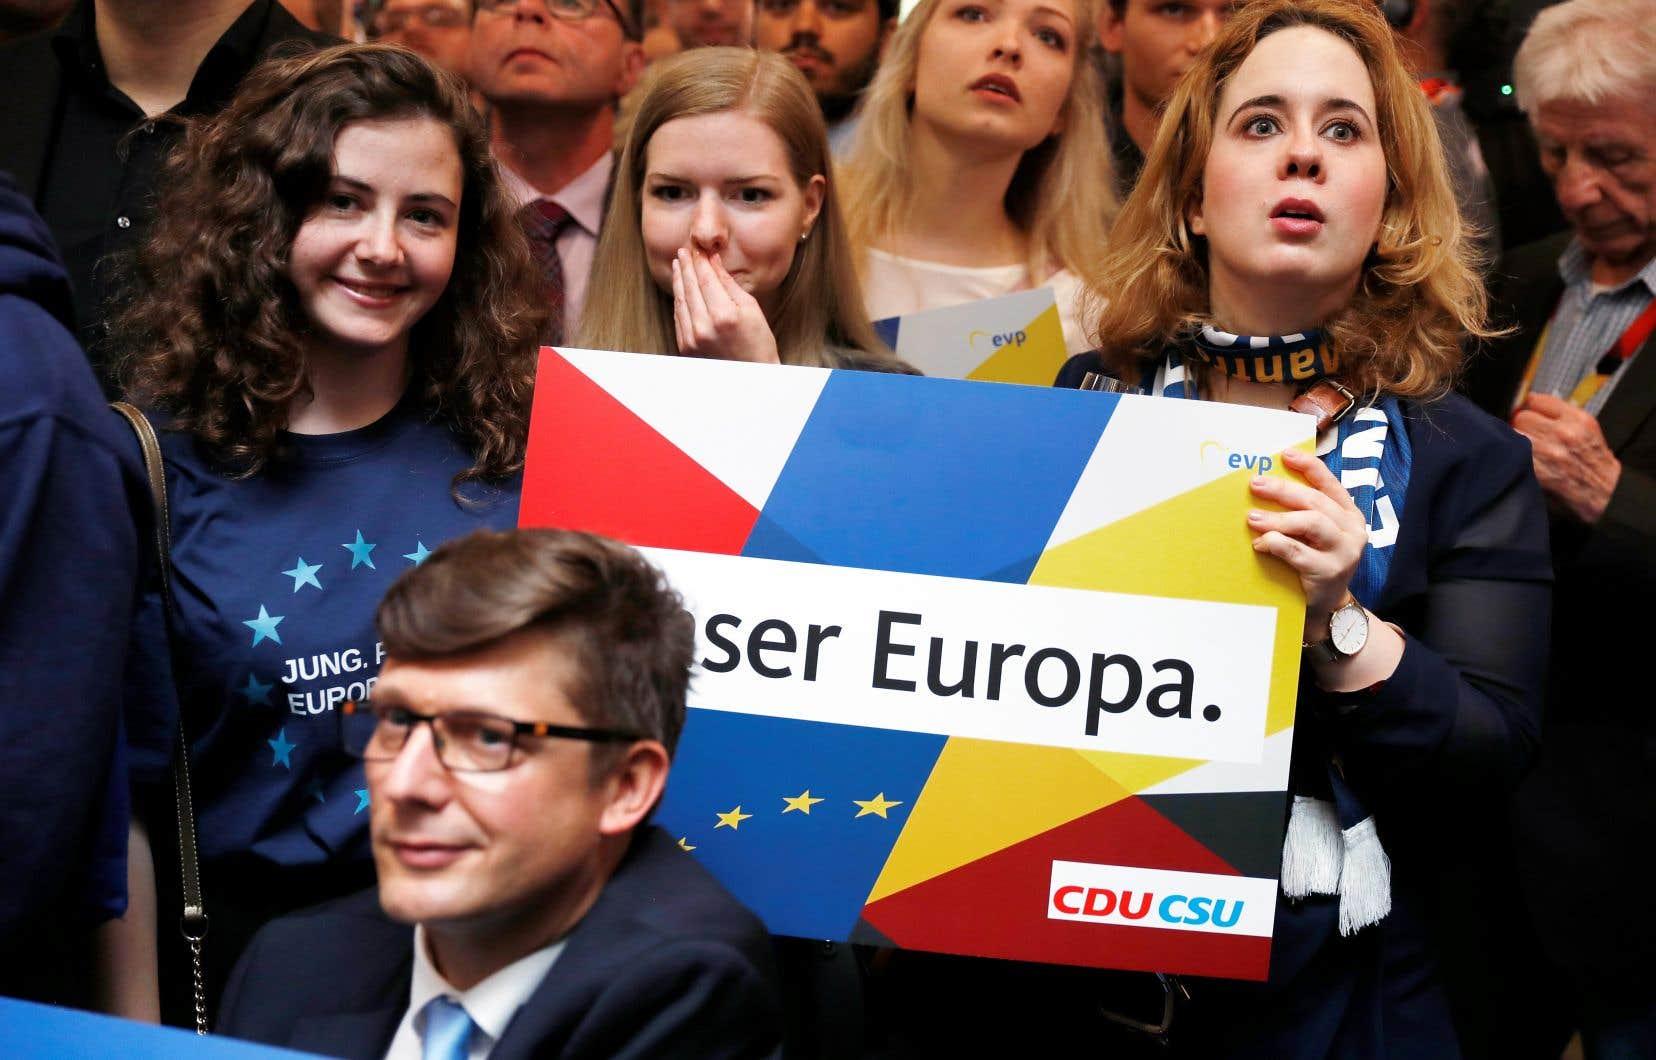 En Allemagne, malgré une forte poussée des verts, l'Union chrétienne-démocrate termine à la tête des élections, avec 29% des voix.